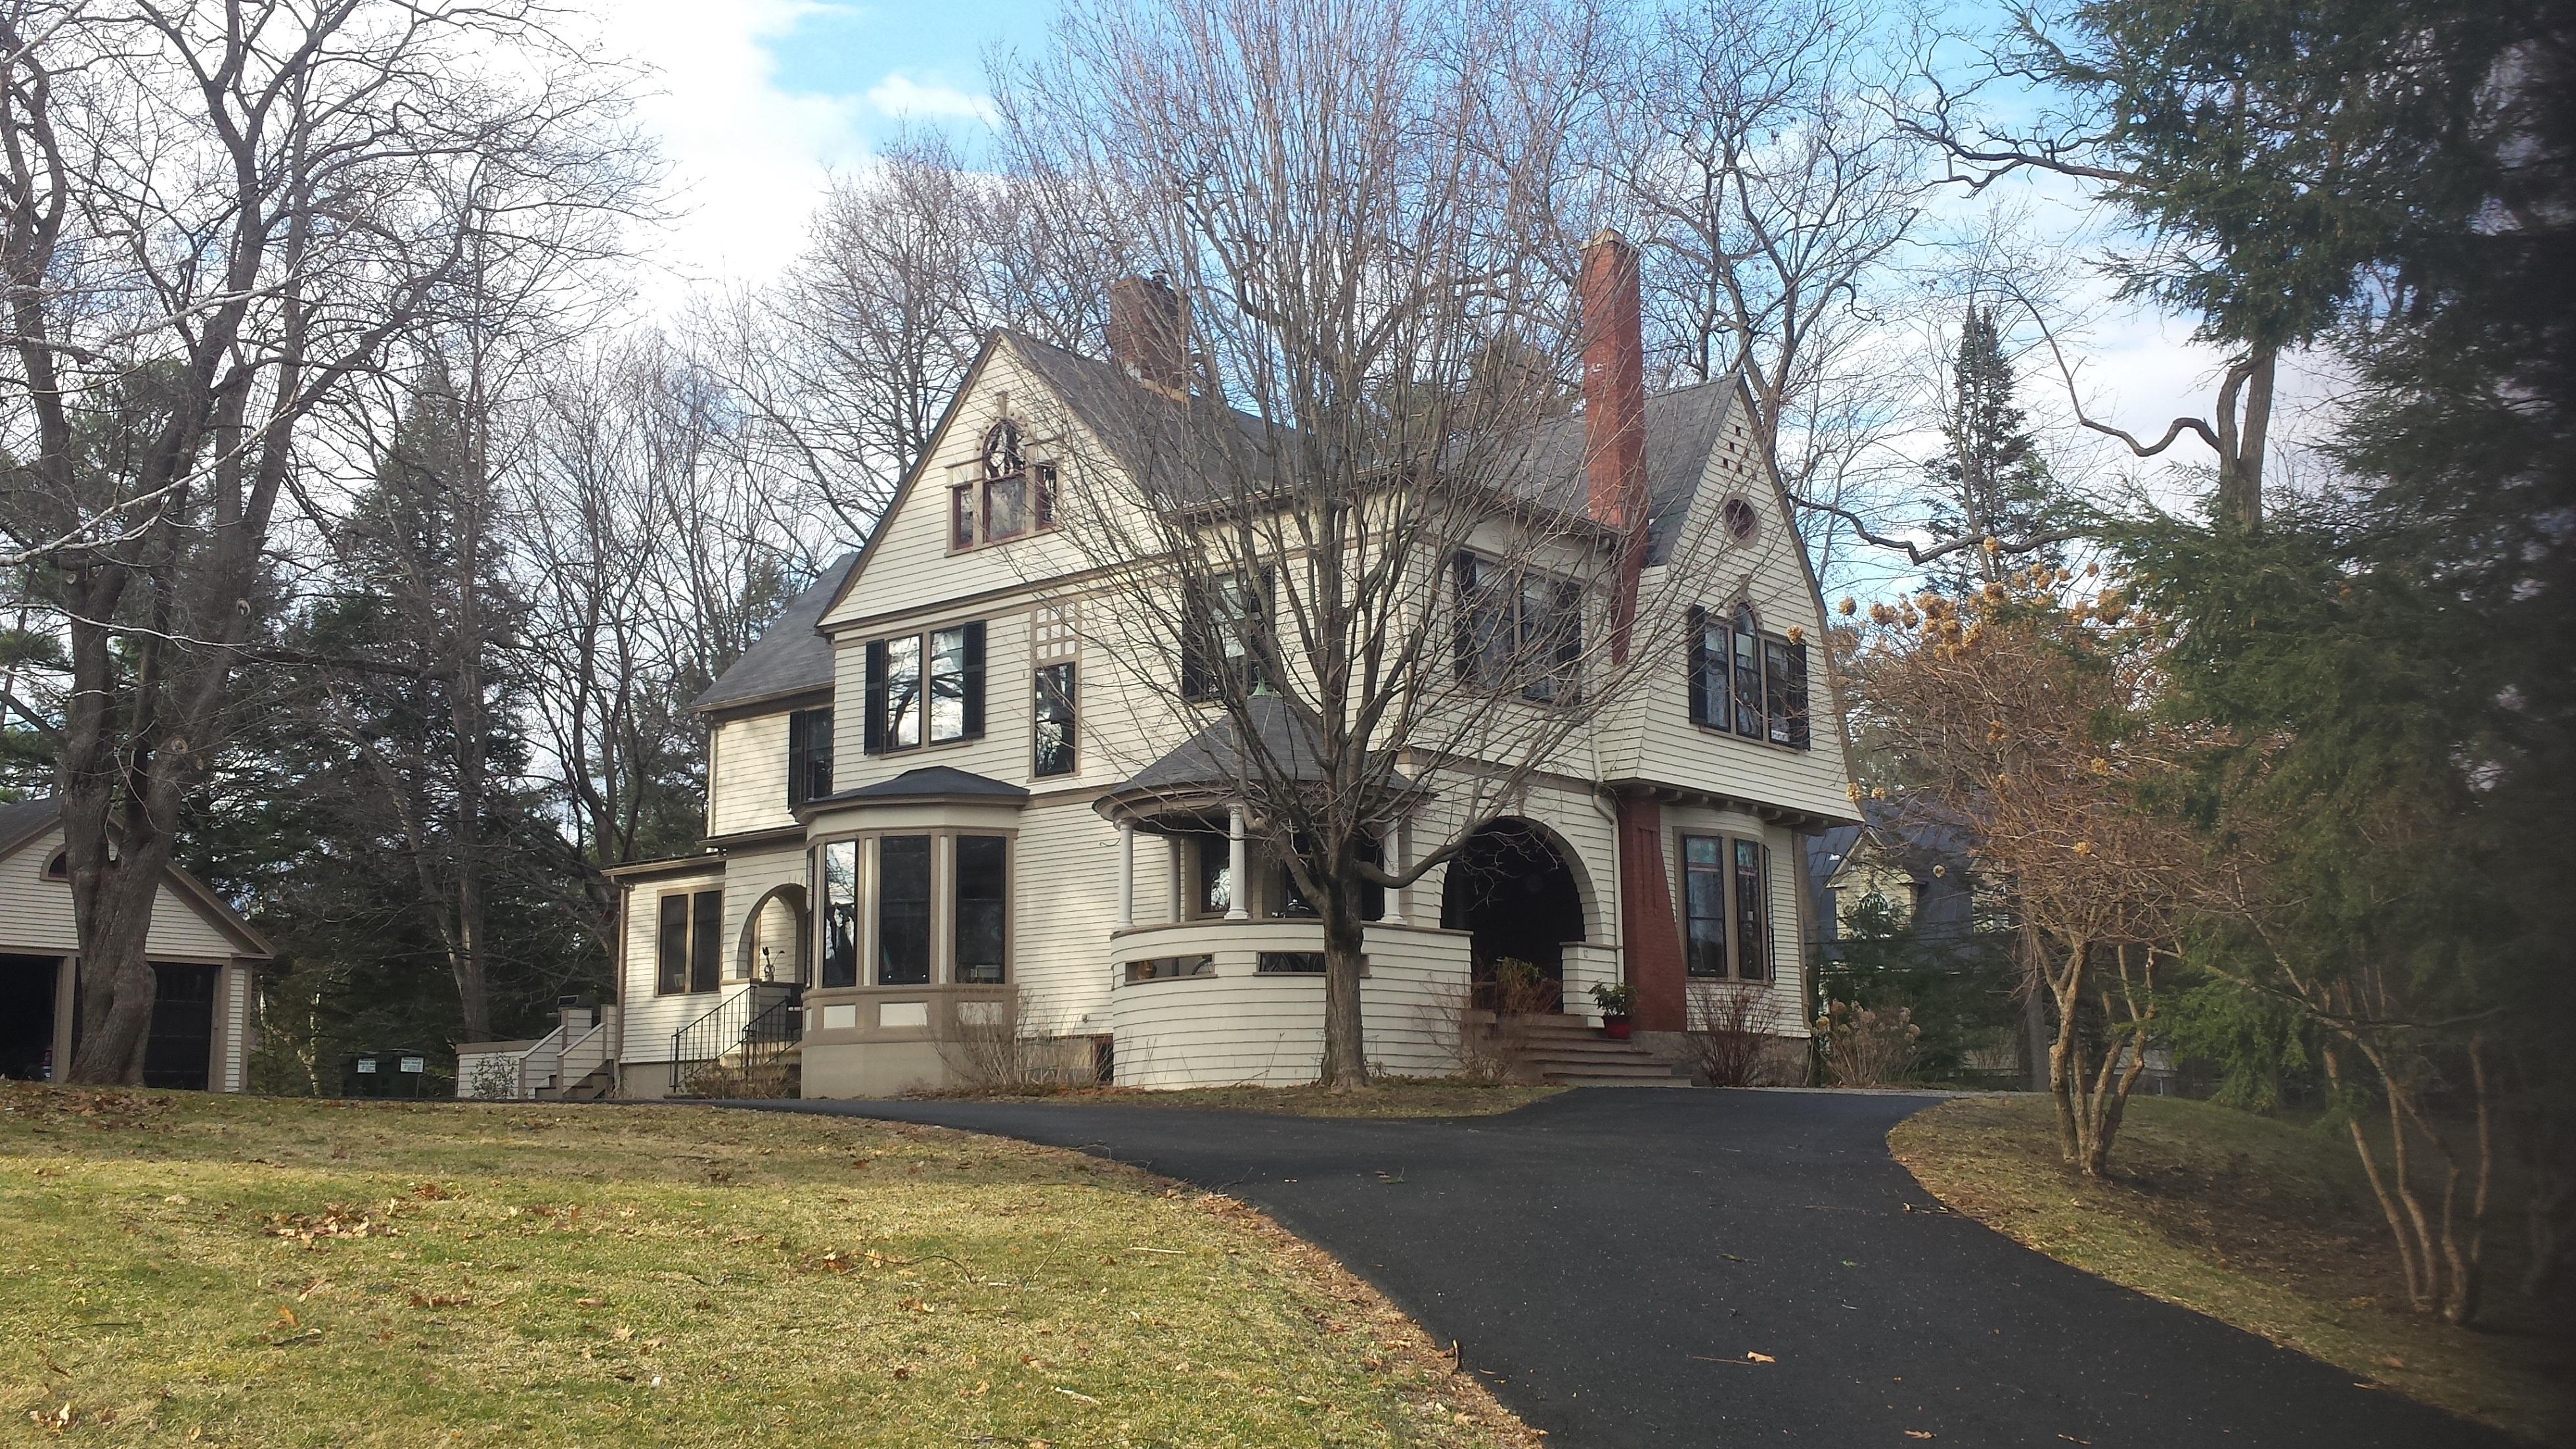 一戸建て のために 売買 アット 12 Occom Ridge Rdg, Hanover Hanover, ニューハンプシャー, 03755 アメリカ合衆国